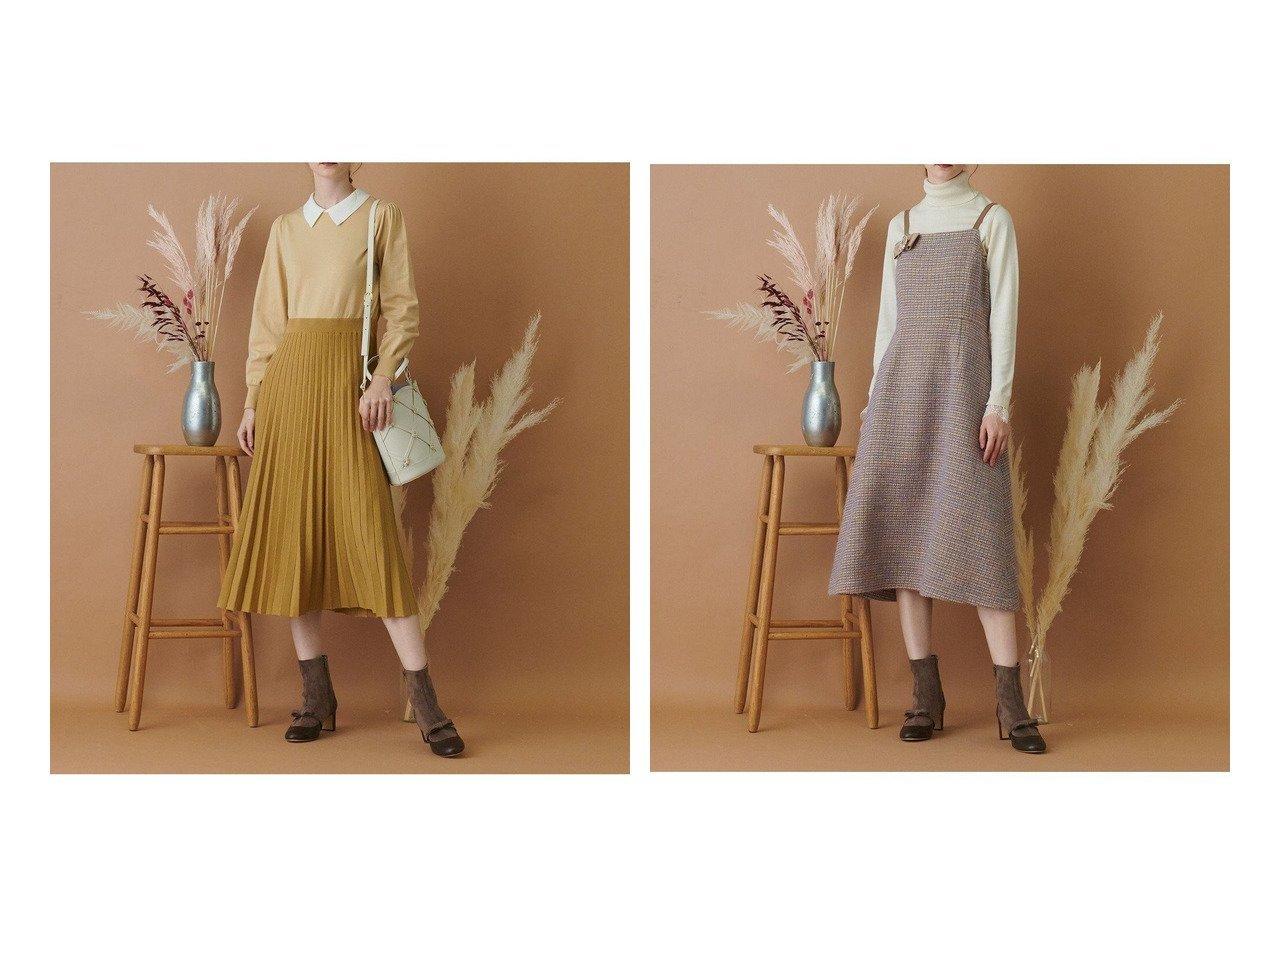 【TOCCA/トッカ】の【TOCCA LAVENDER】Candy Eco Tweed Jumper Dress ドレス&【TOCCA LAVENDER】Collared Pleats Knitdess ニットドレス 【ワンピース・ドレス】おすすめ!人気、トレンド・レディースファッションの通販 おすすめで人気の流行・トレンド、ファッションの通販商品 インテリア・家具・メンズファッション・キッズファッション・レディースファッション・服の通販 founy(ファニー) https://founy.com/ ファッション Fashion レディースファッション WOMEN ワンピース Dress ドレス Party Dresses ニットワンピース Knit Dresses 送料無料 Free Shipping ドレス イタリア シンプル ツイード バランス ファブリック フレア  ID:crp329100000072645